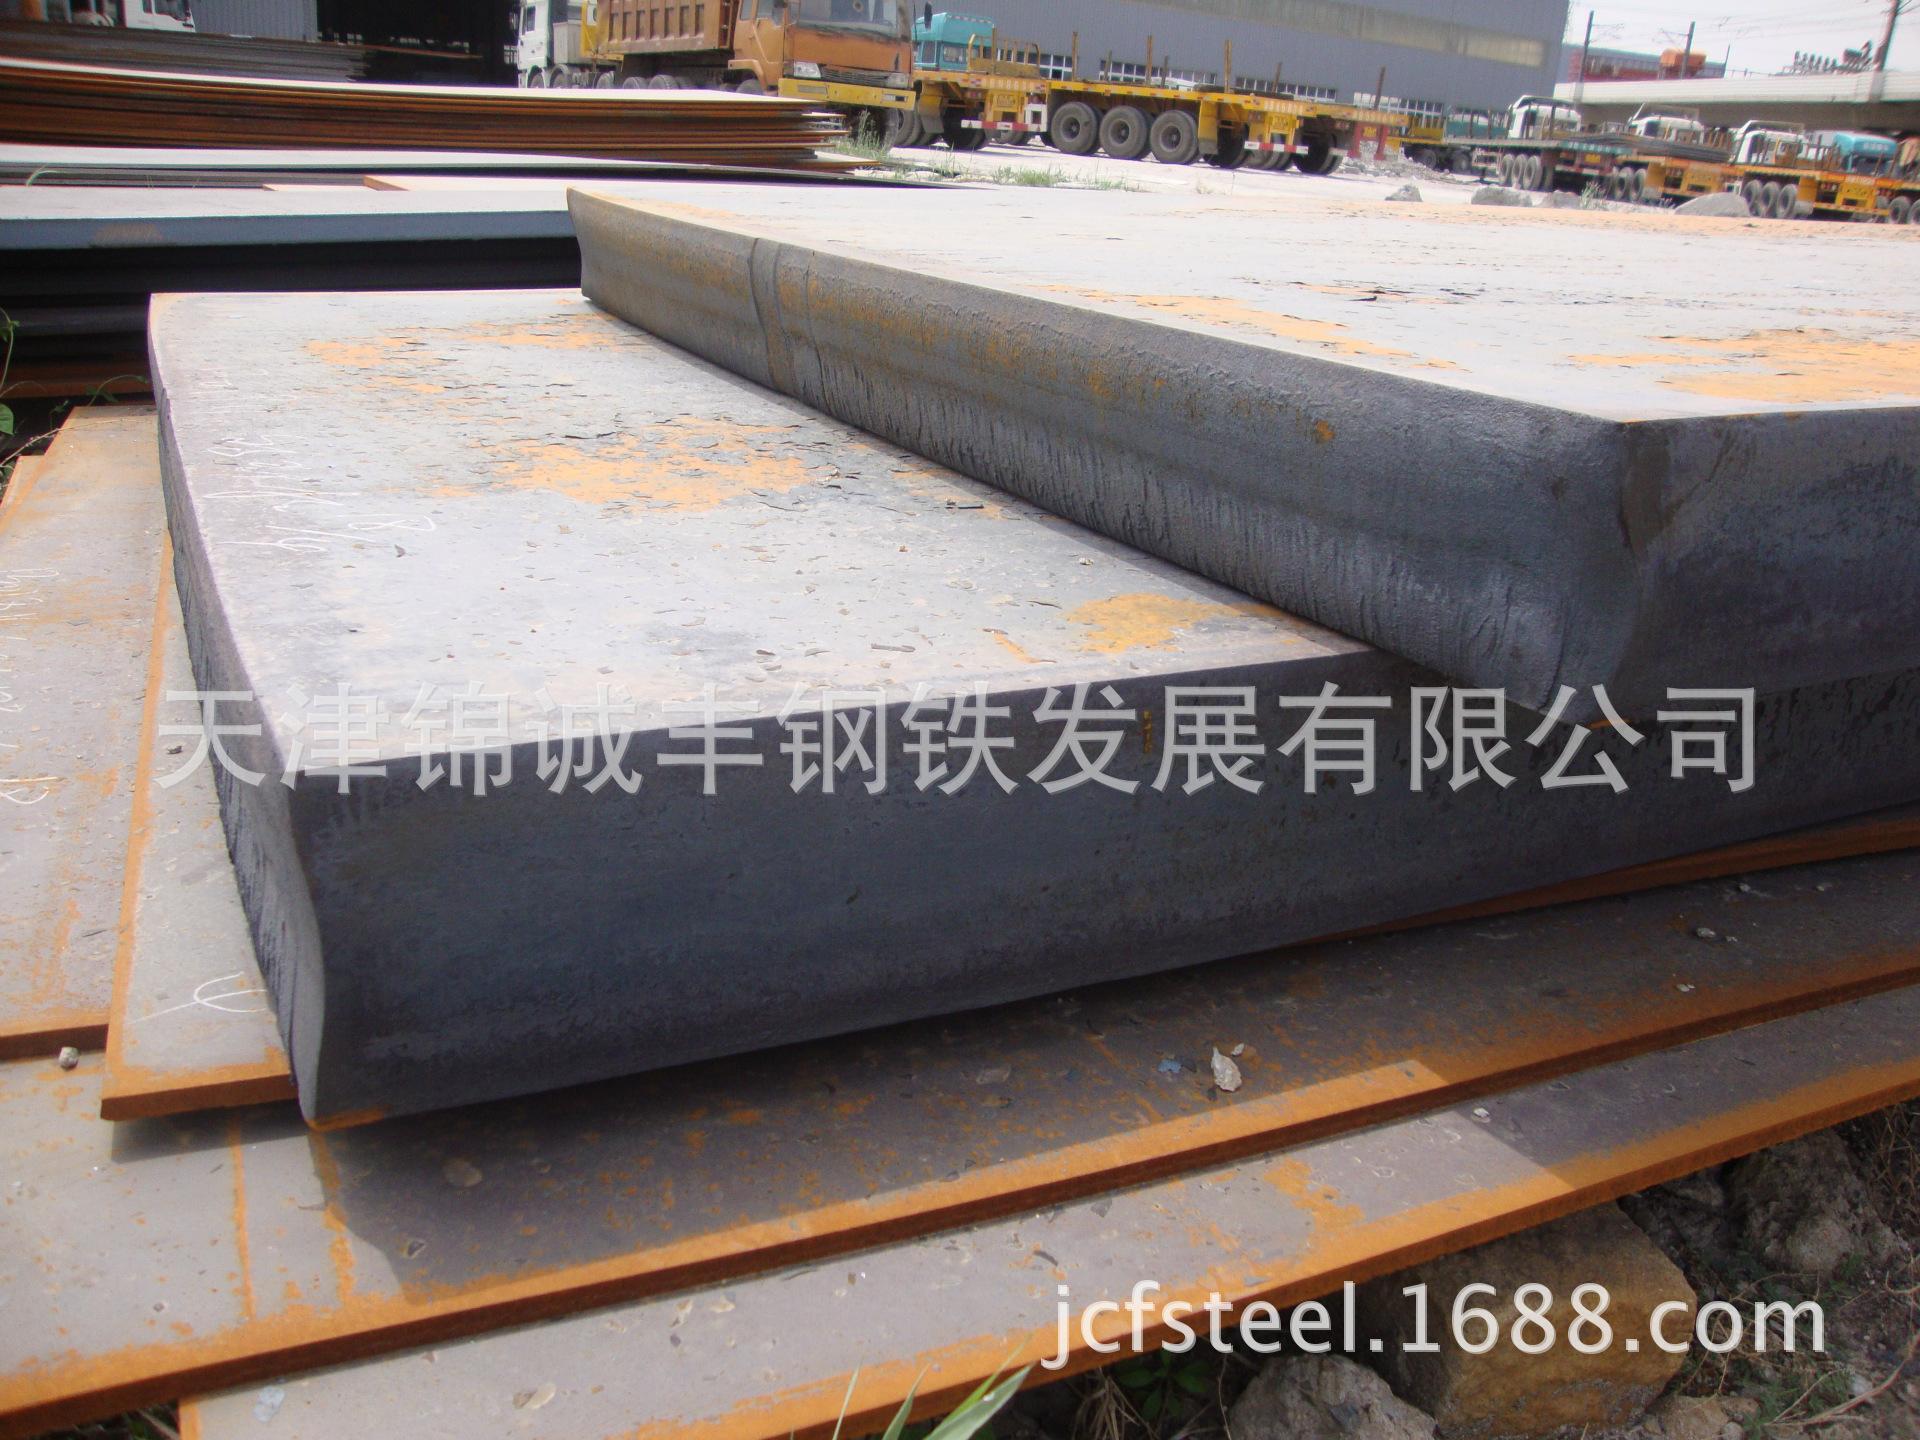 专业供应q235b热轧钢板价格 70mm钢板 普中板 70中厚铁板切割加工